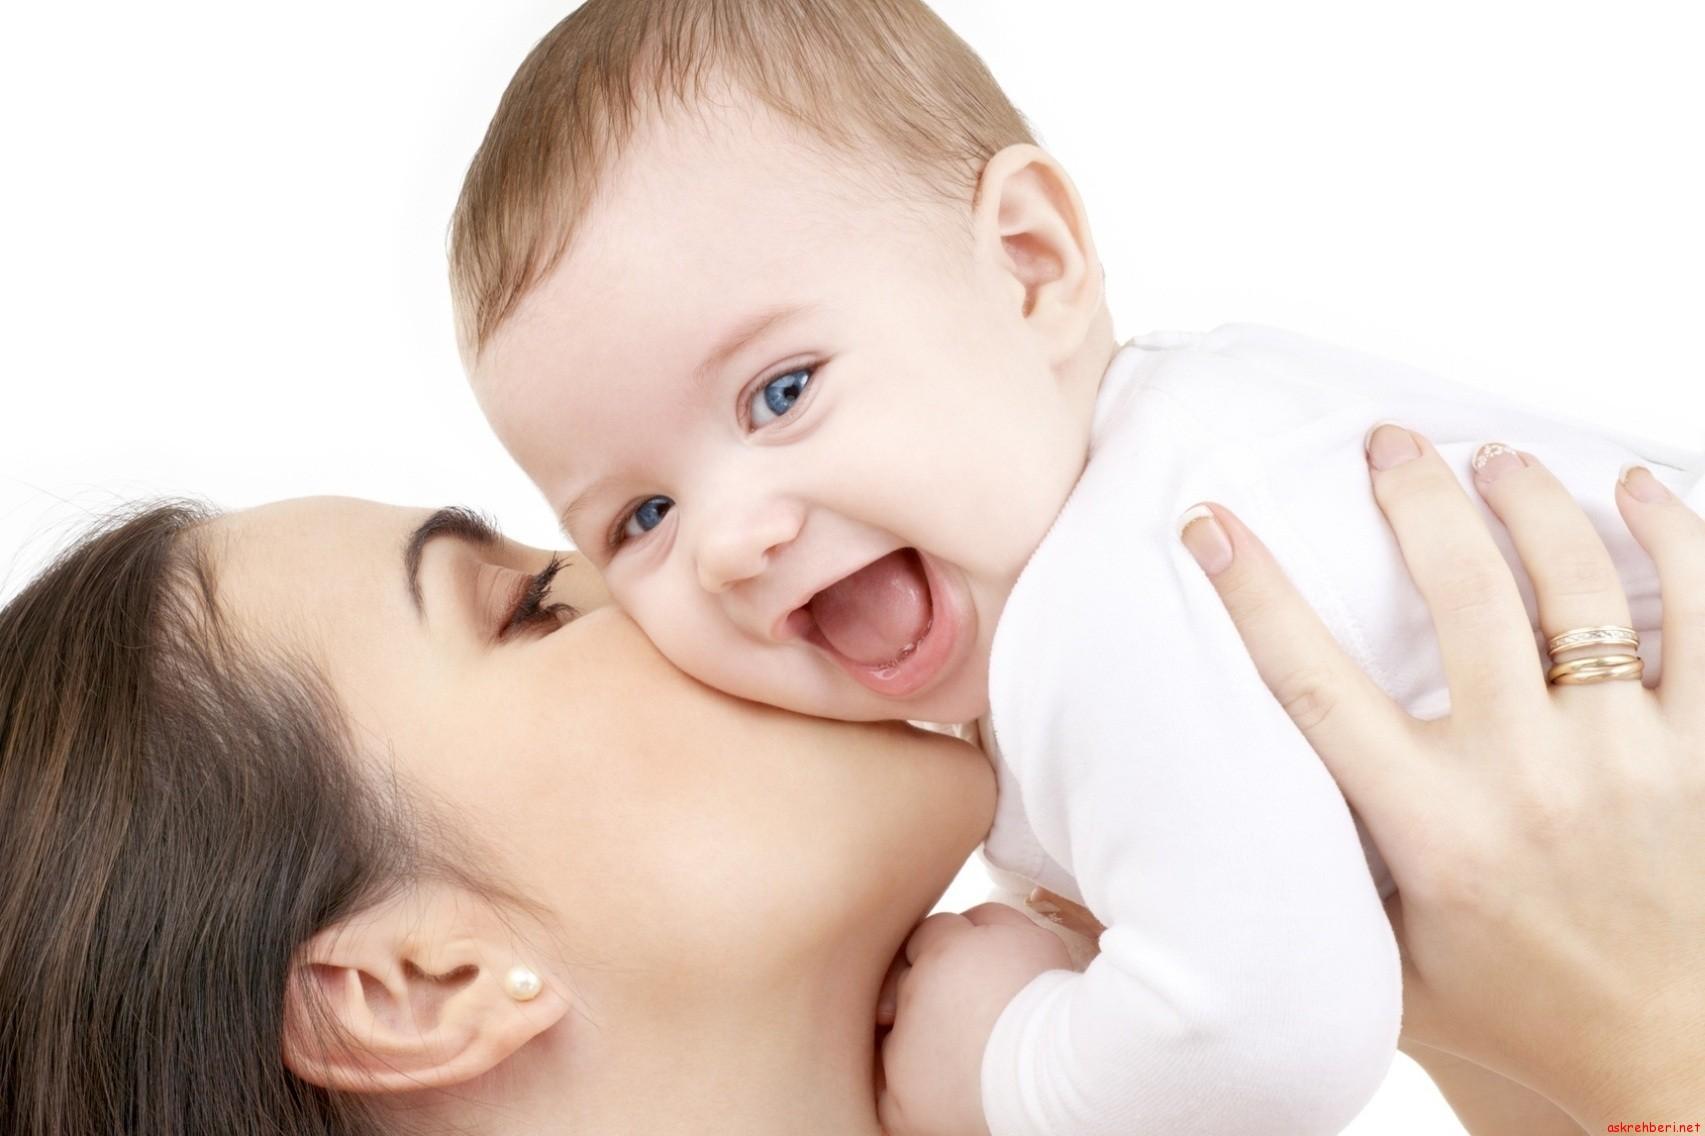 Bebeğiniz Sağlıklı ve Yeterli Besleniyor Mu?